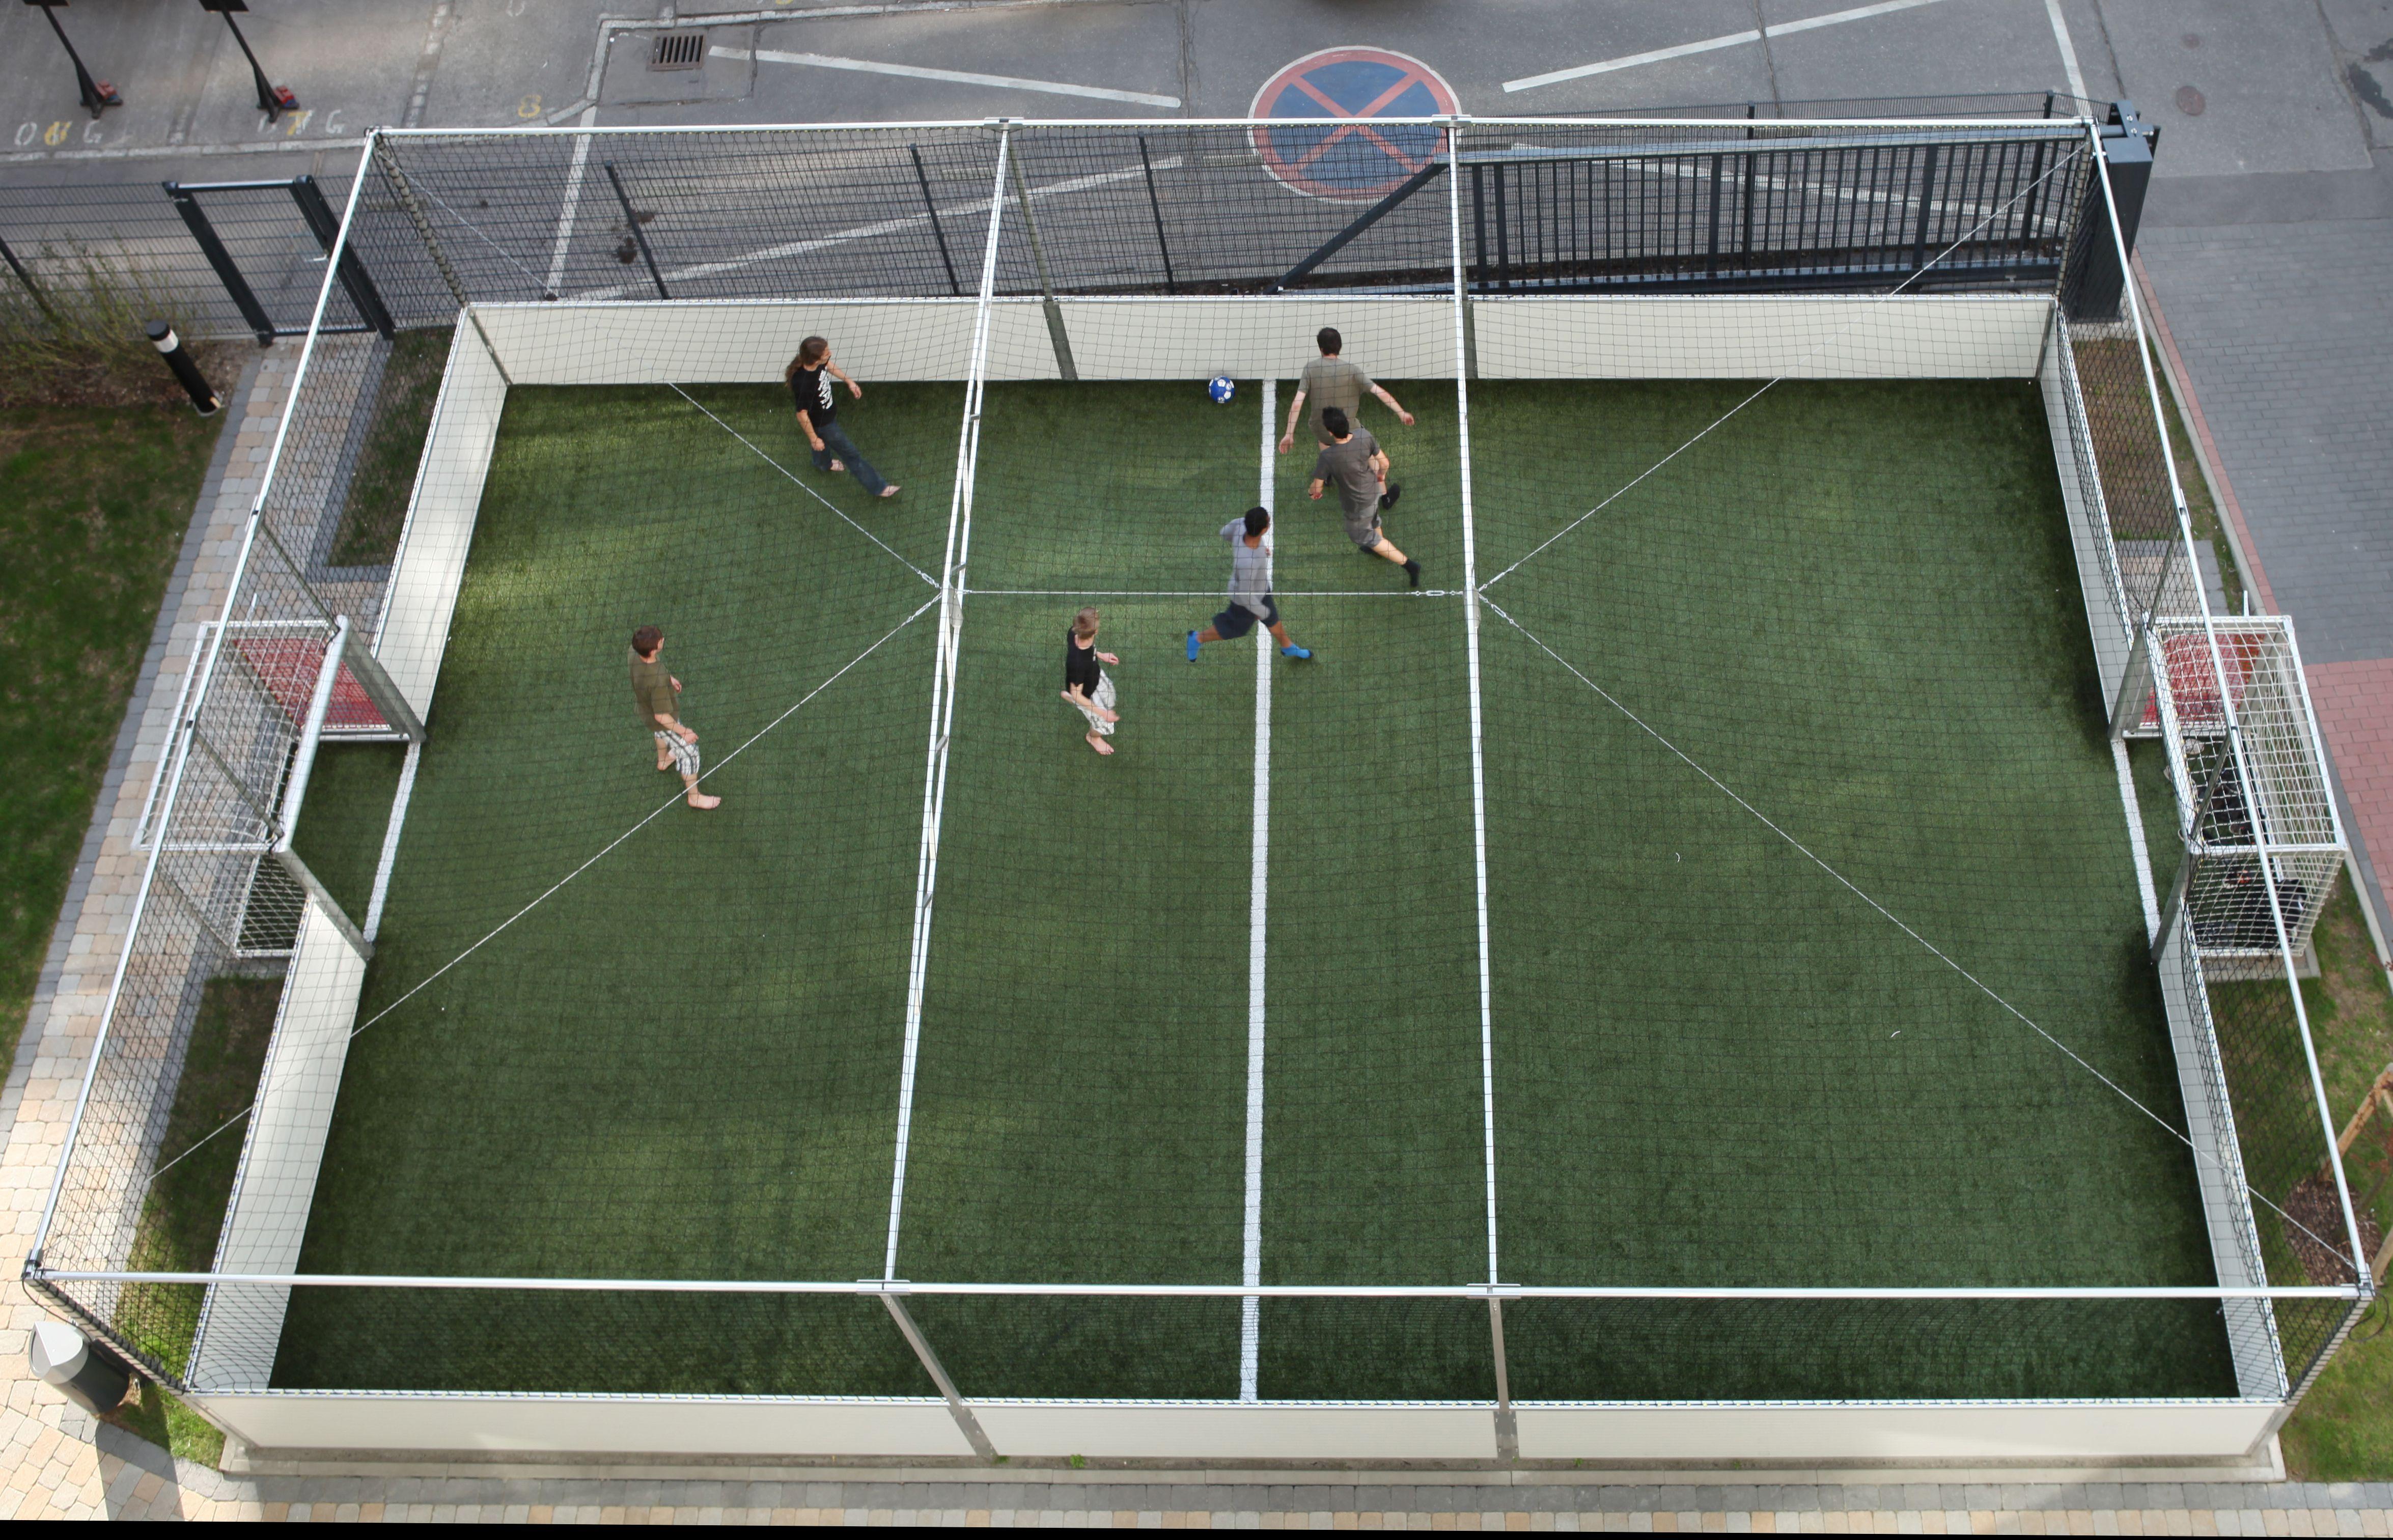 Popular  aletto Fussball Hotel Berlin Soccer Court